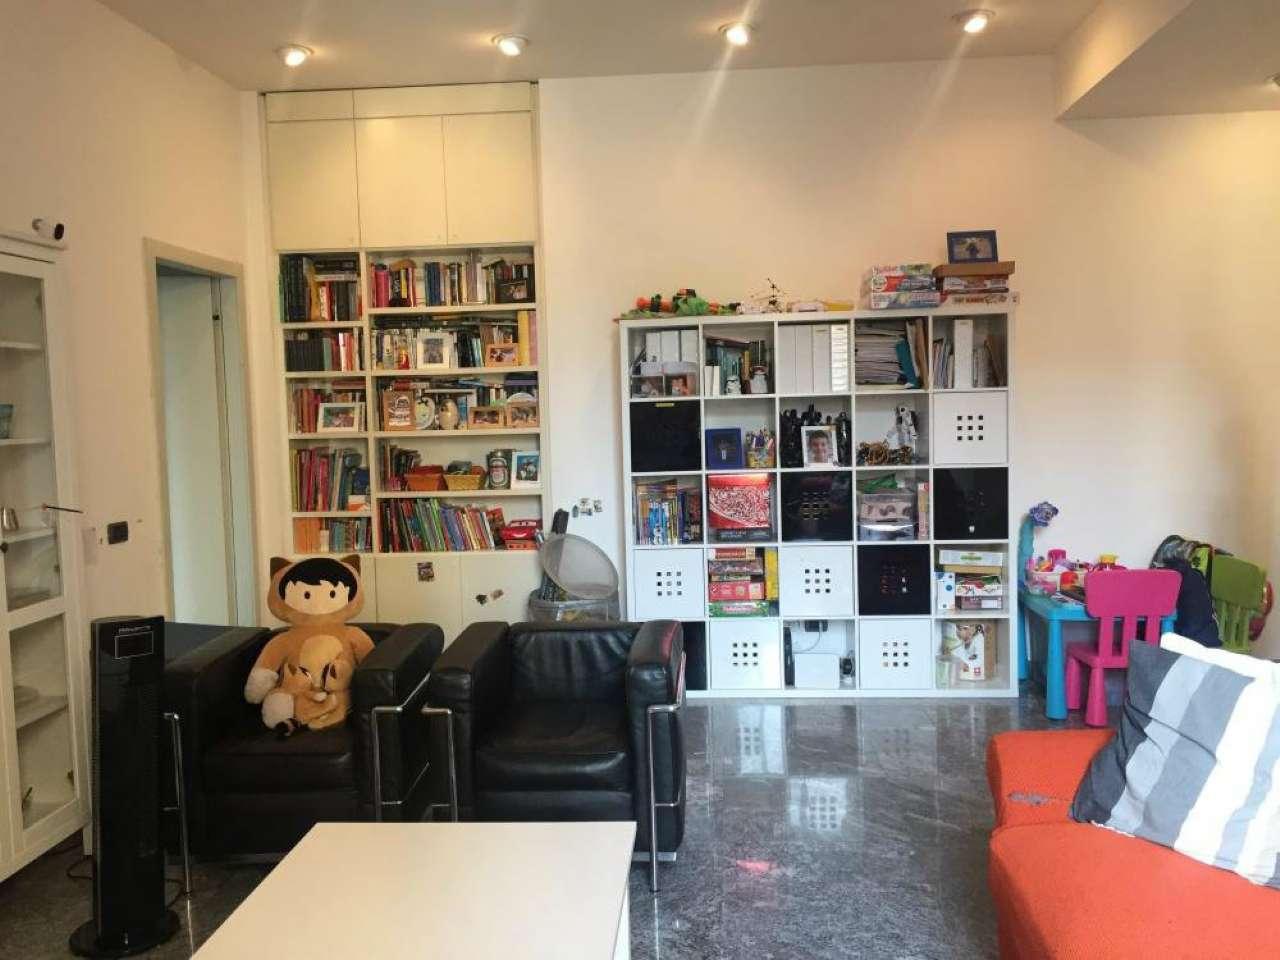 Appartamento in Vendita a Milano 06 Italia / Porta Romana / Bocconi / Lodi: 3 locali, 130 mq